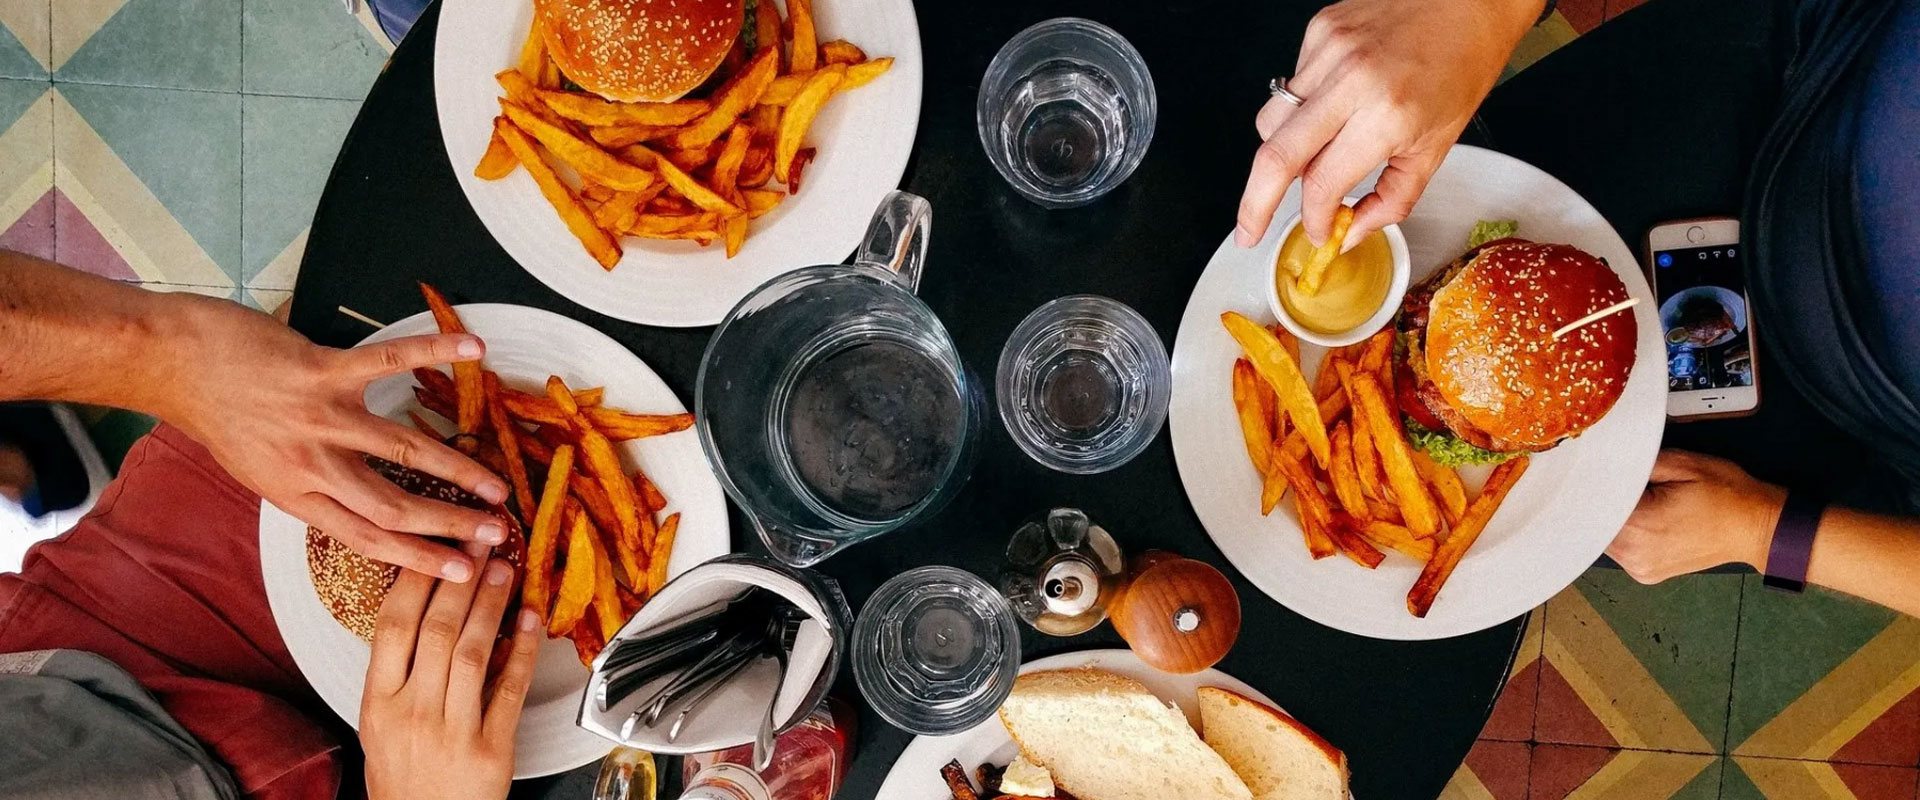 Burgers and Bowls